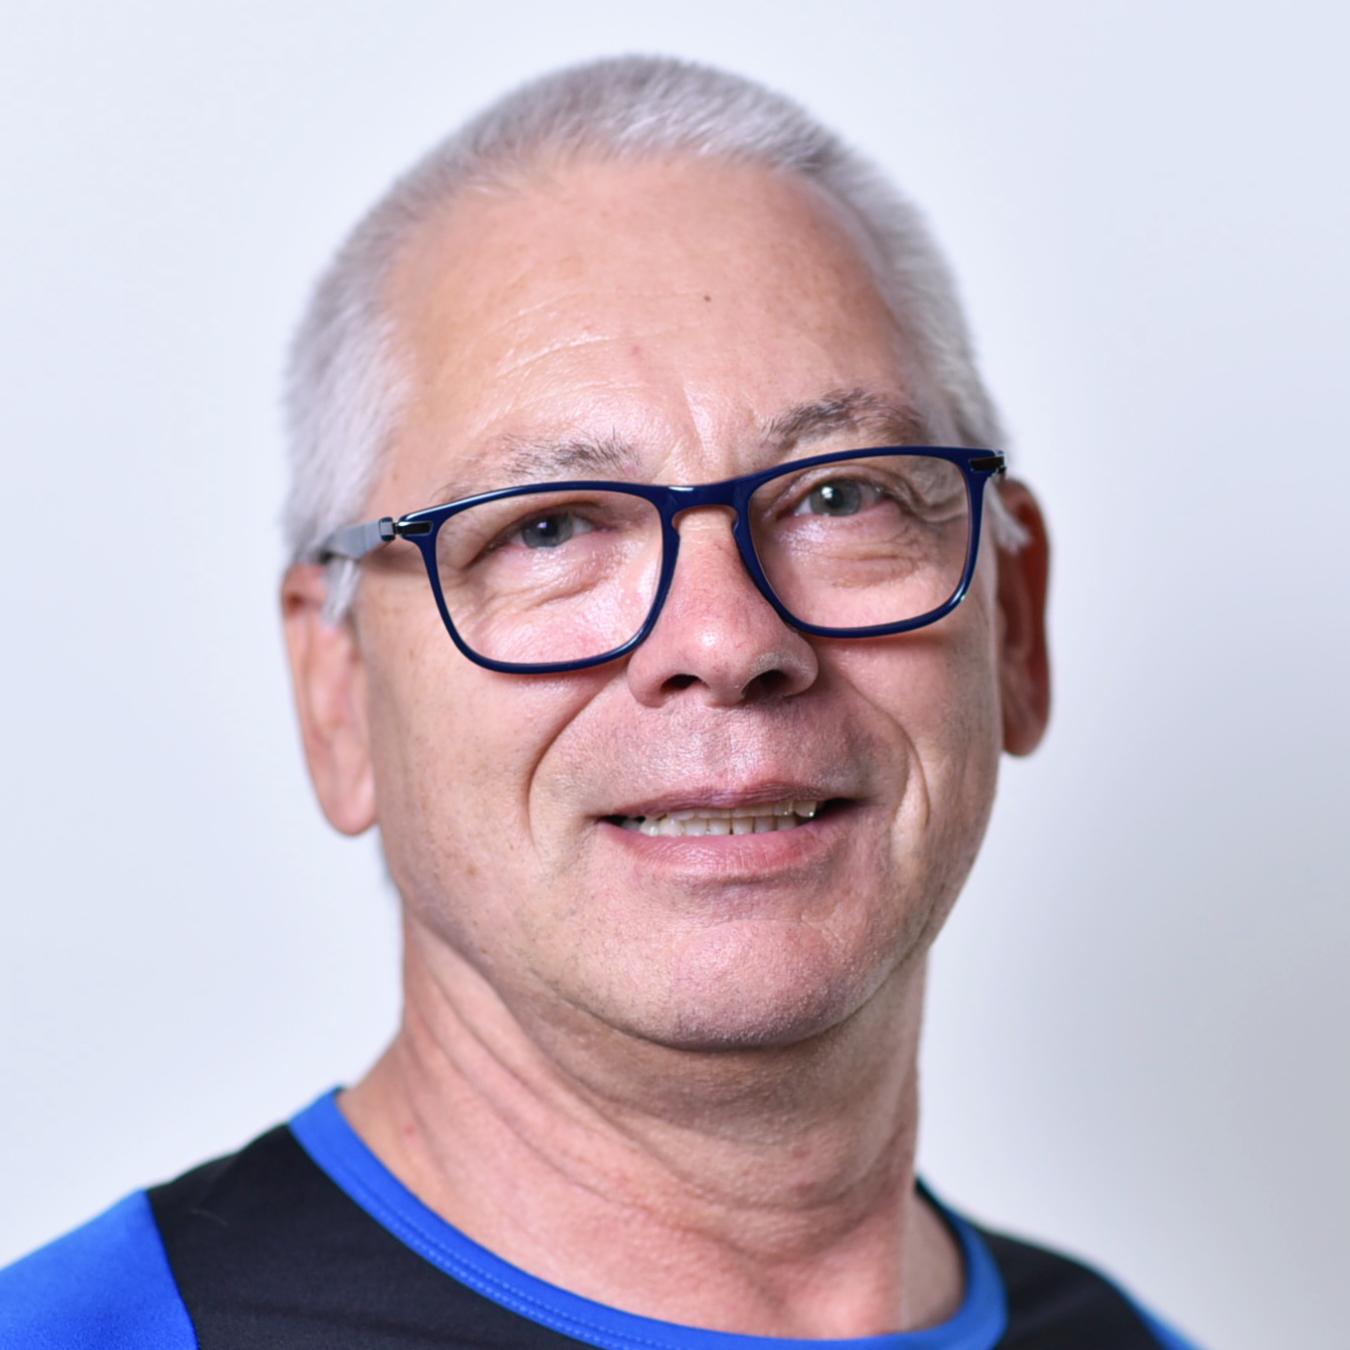 André Strietzel